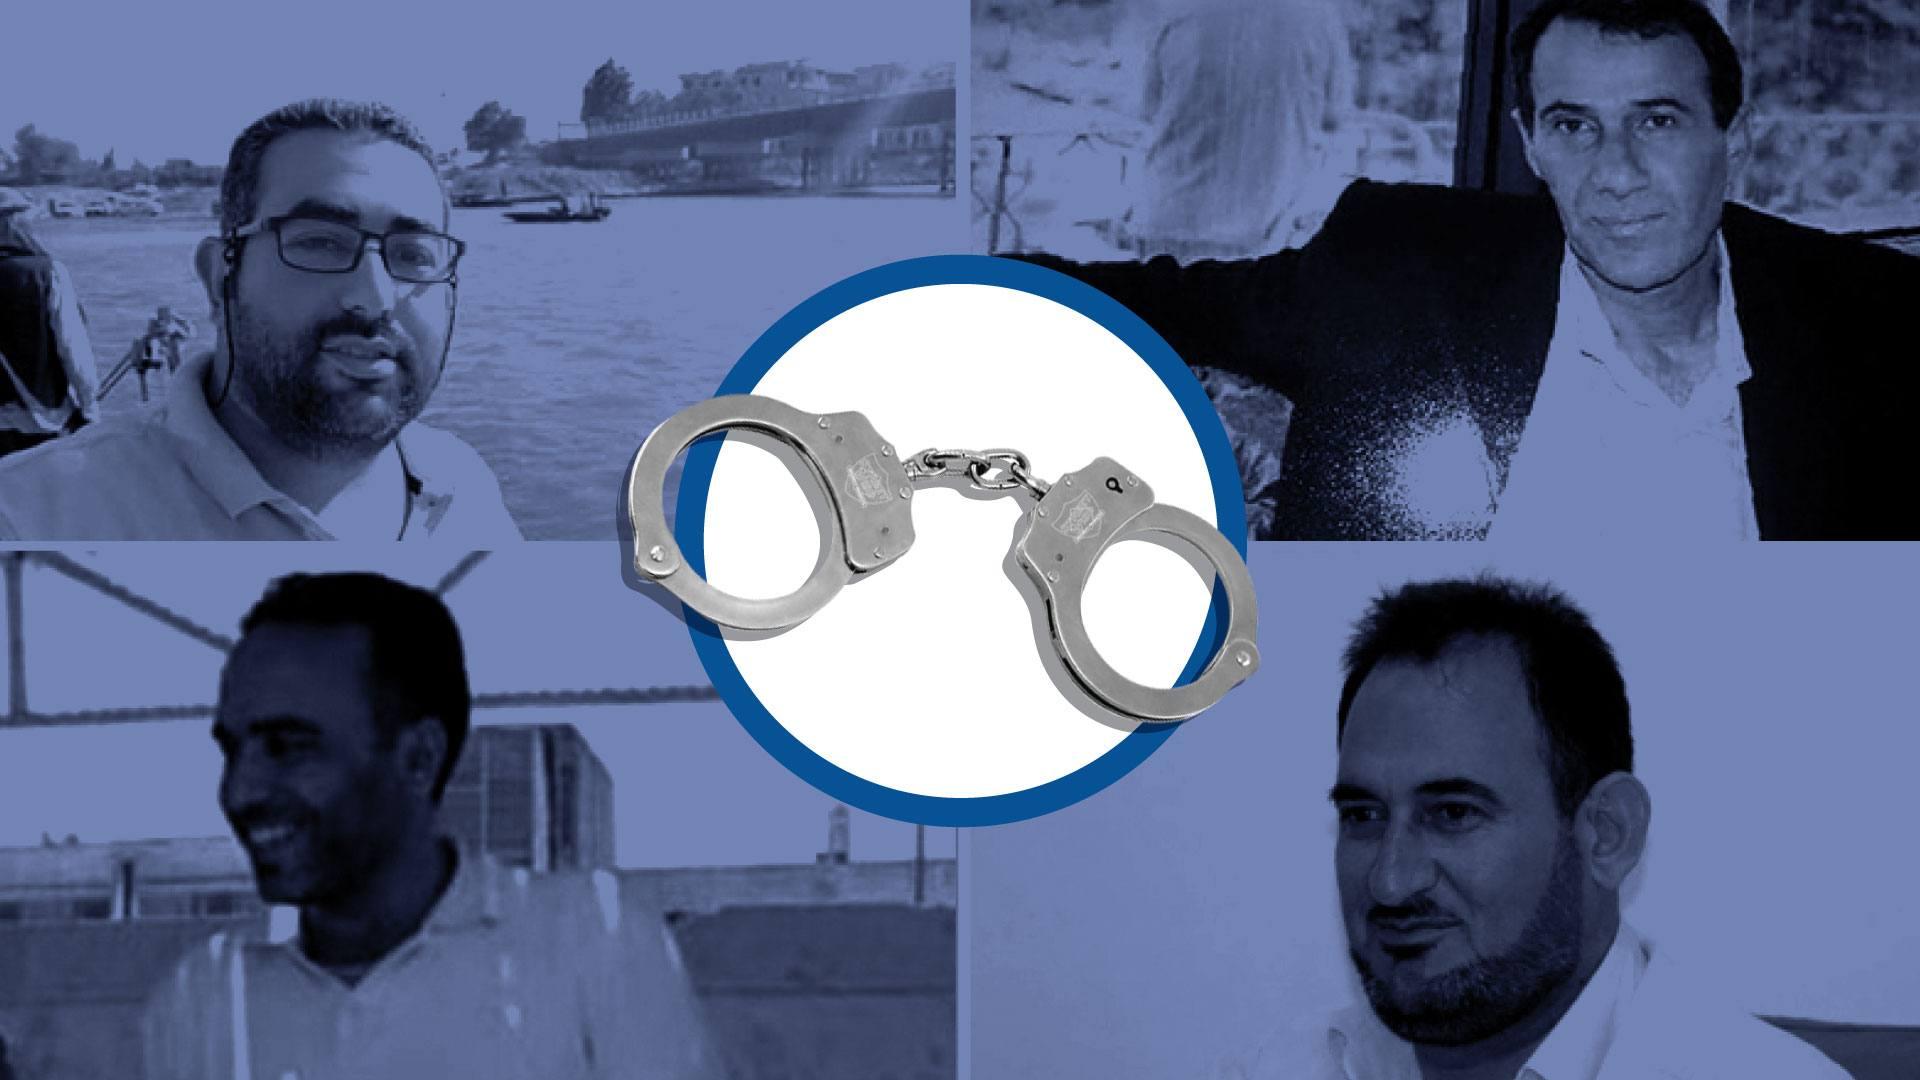 Header Raqqa Arrests Joint Statement 1920x1080